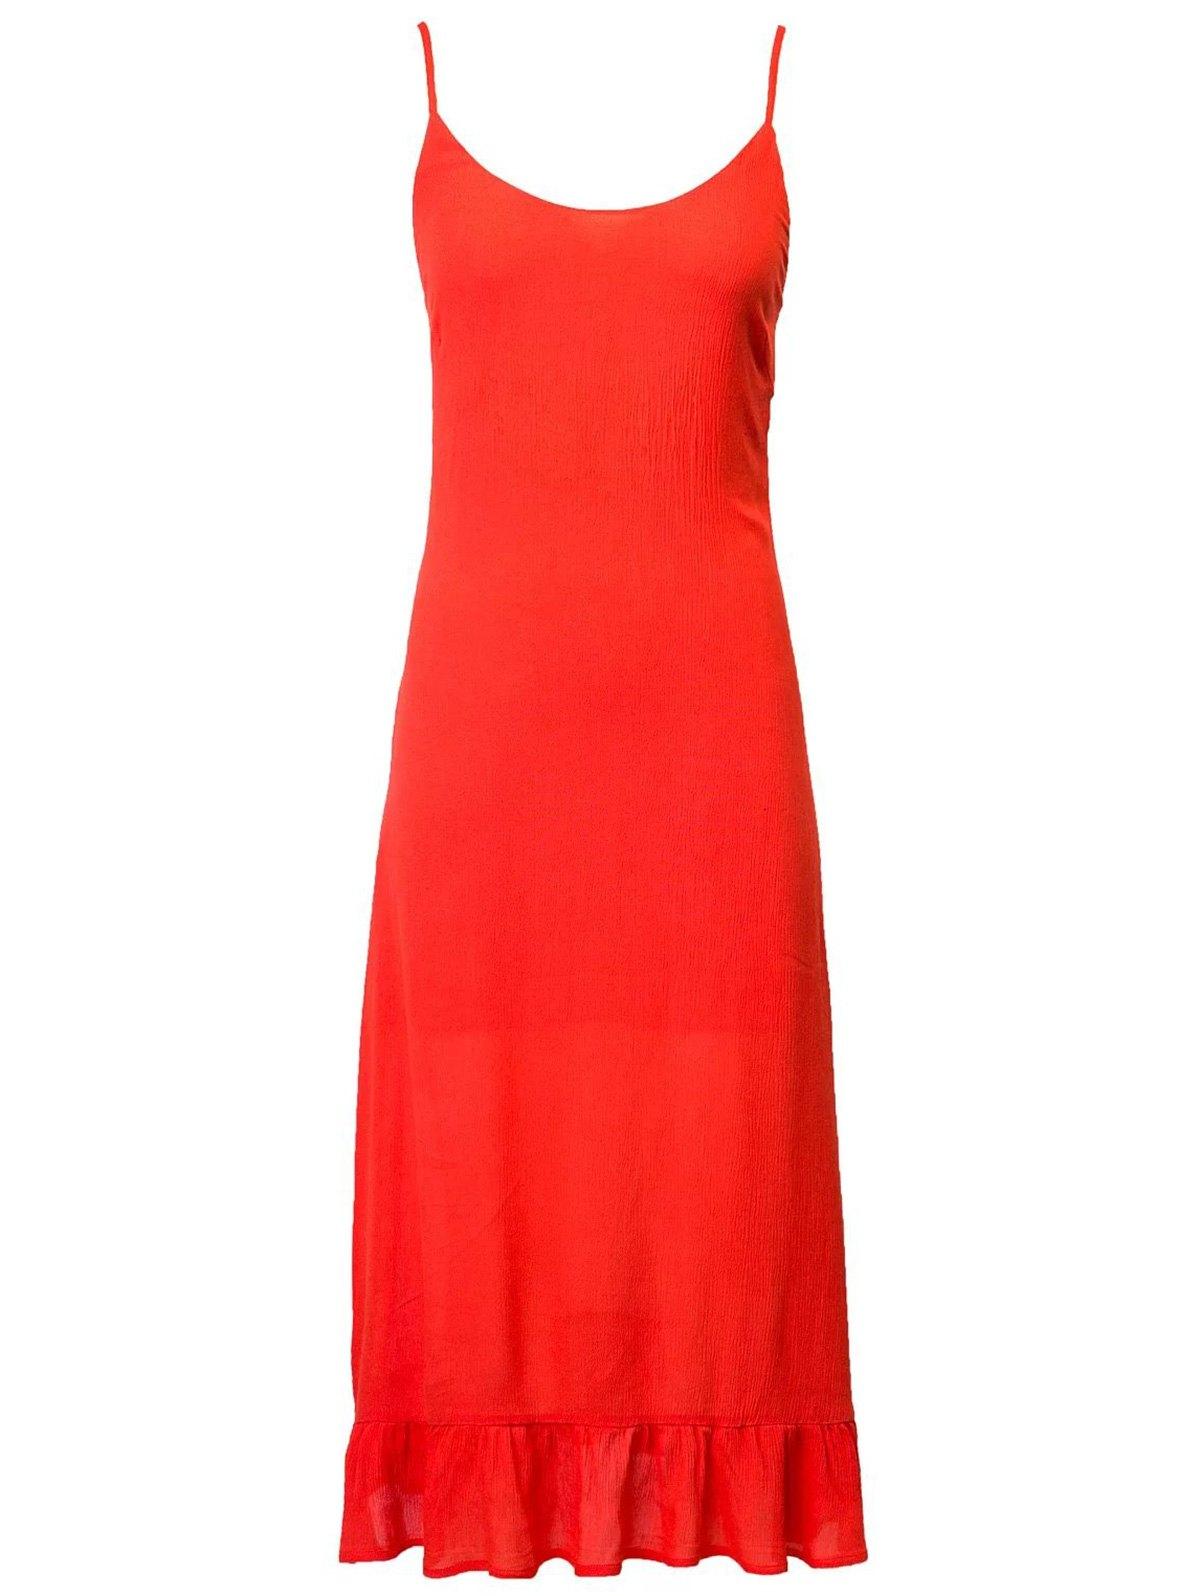 Cami Lace Up Flouncing Dress